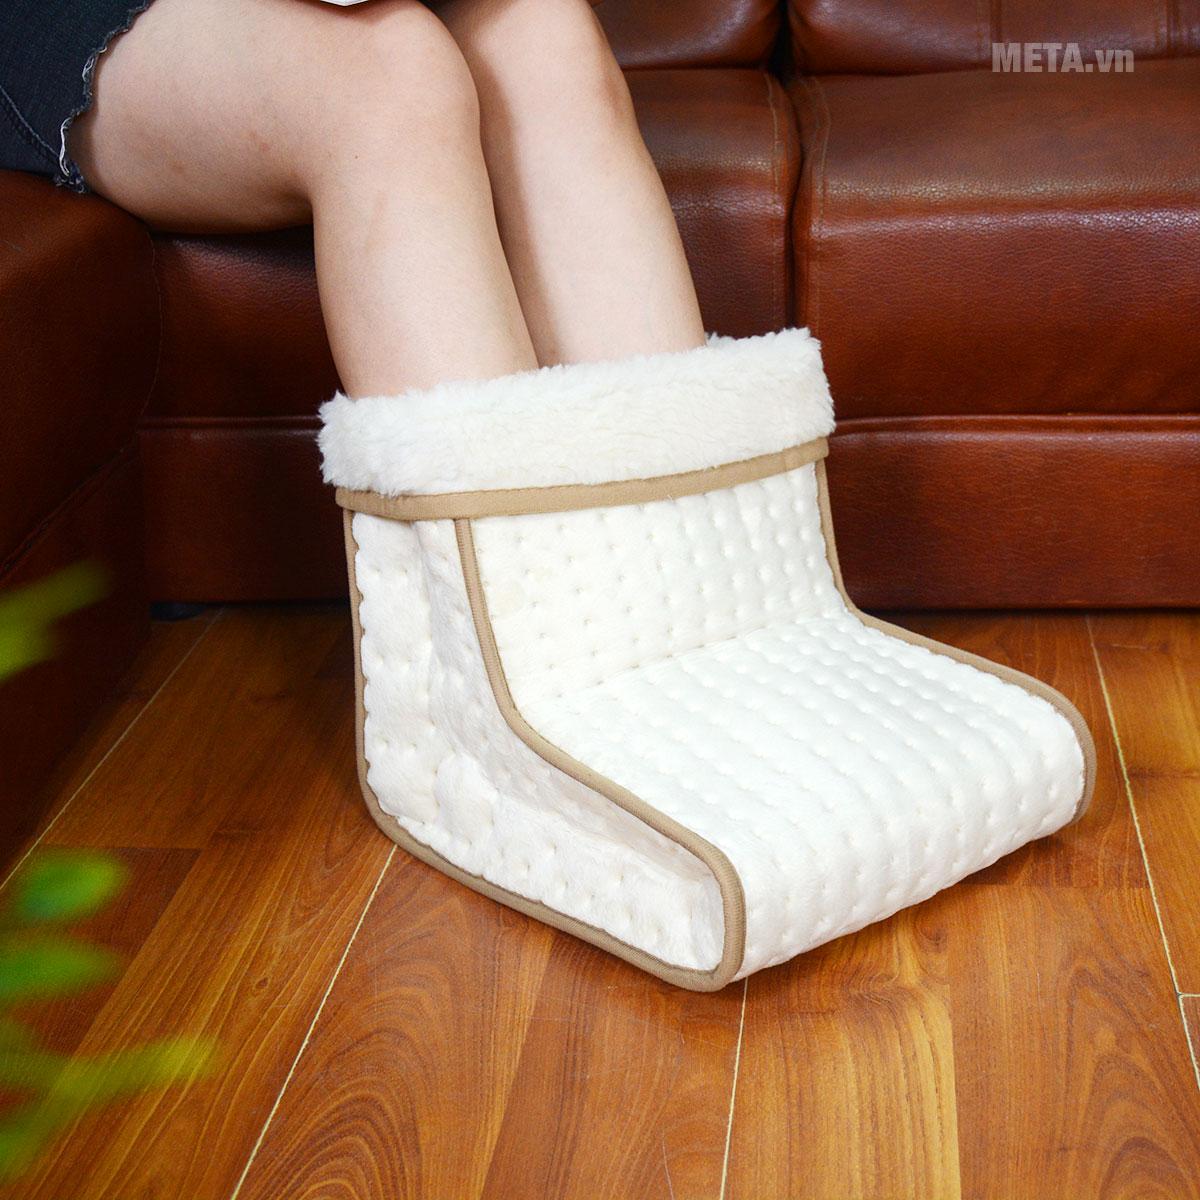 Ủng sưởi ấm chân giữ nhiệt Beurer FW20 với màu sắc trang nhã